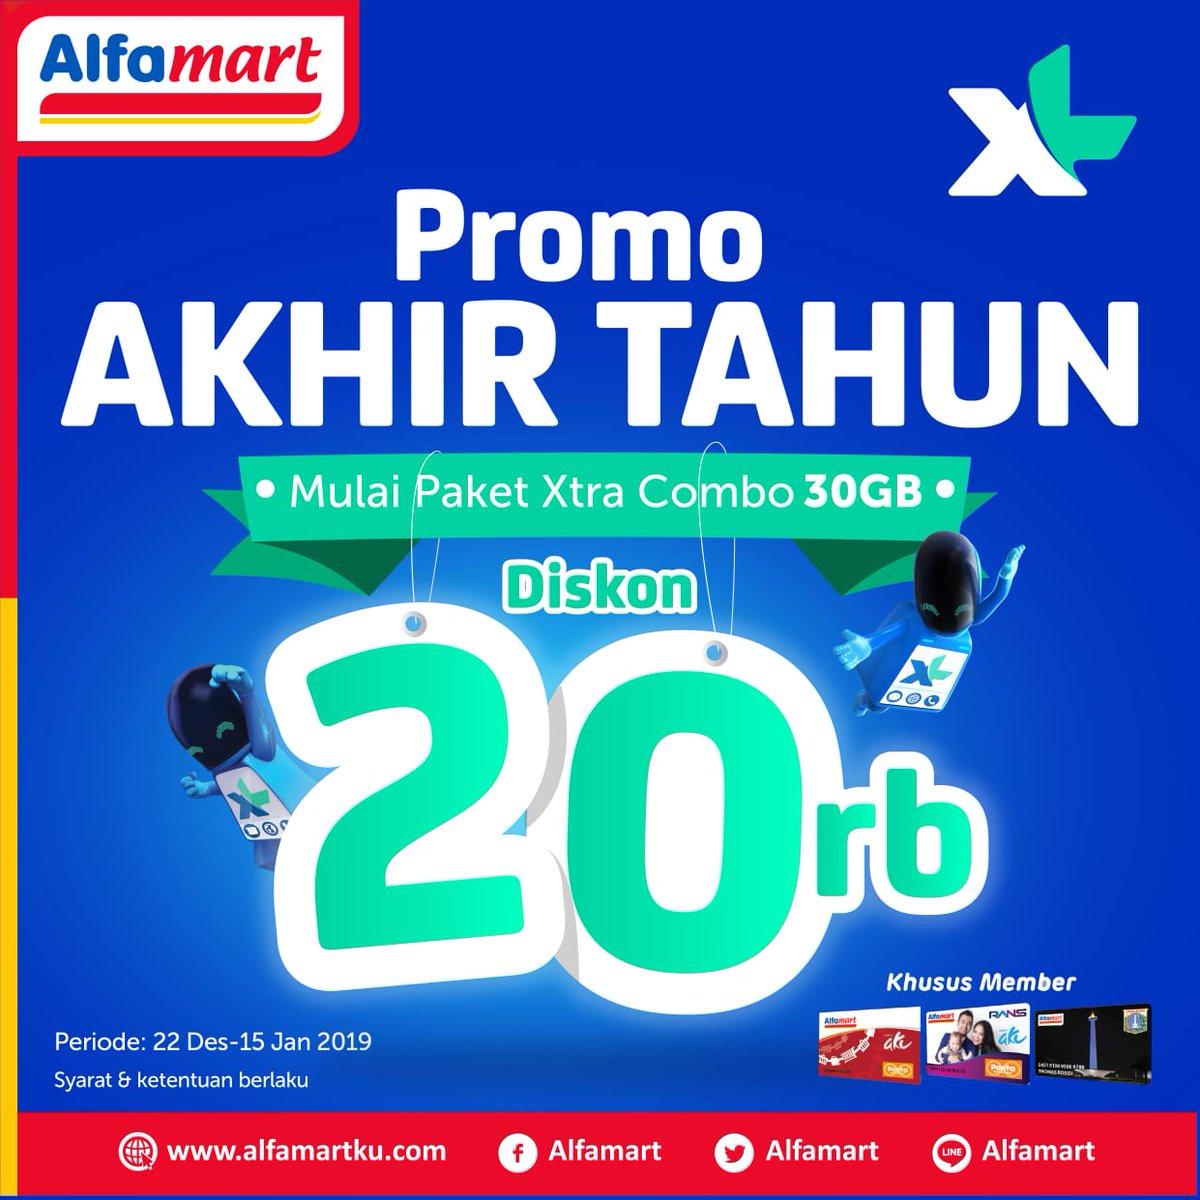 #Alfamart - Promo Akhir Tahun Paket XL Xtra Combo Diskon s.d 20K (s.d 15 Jan 2019)